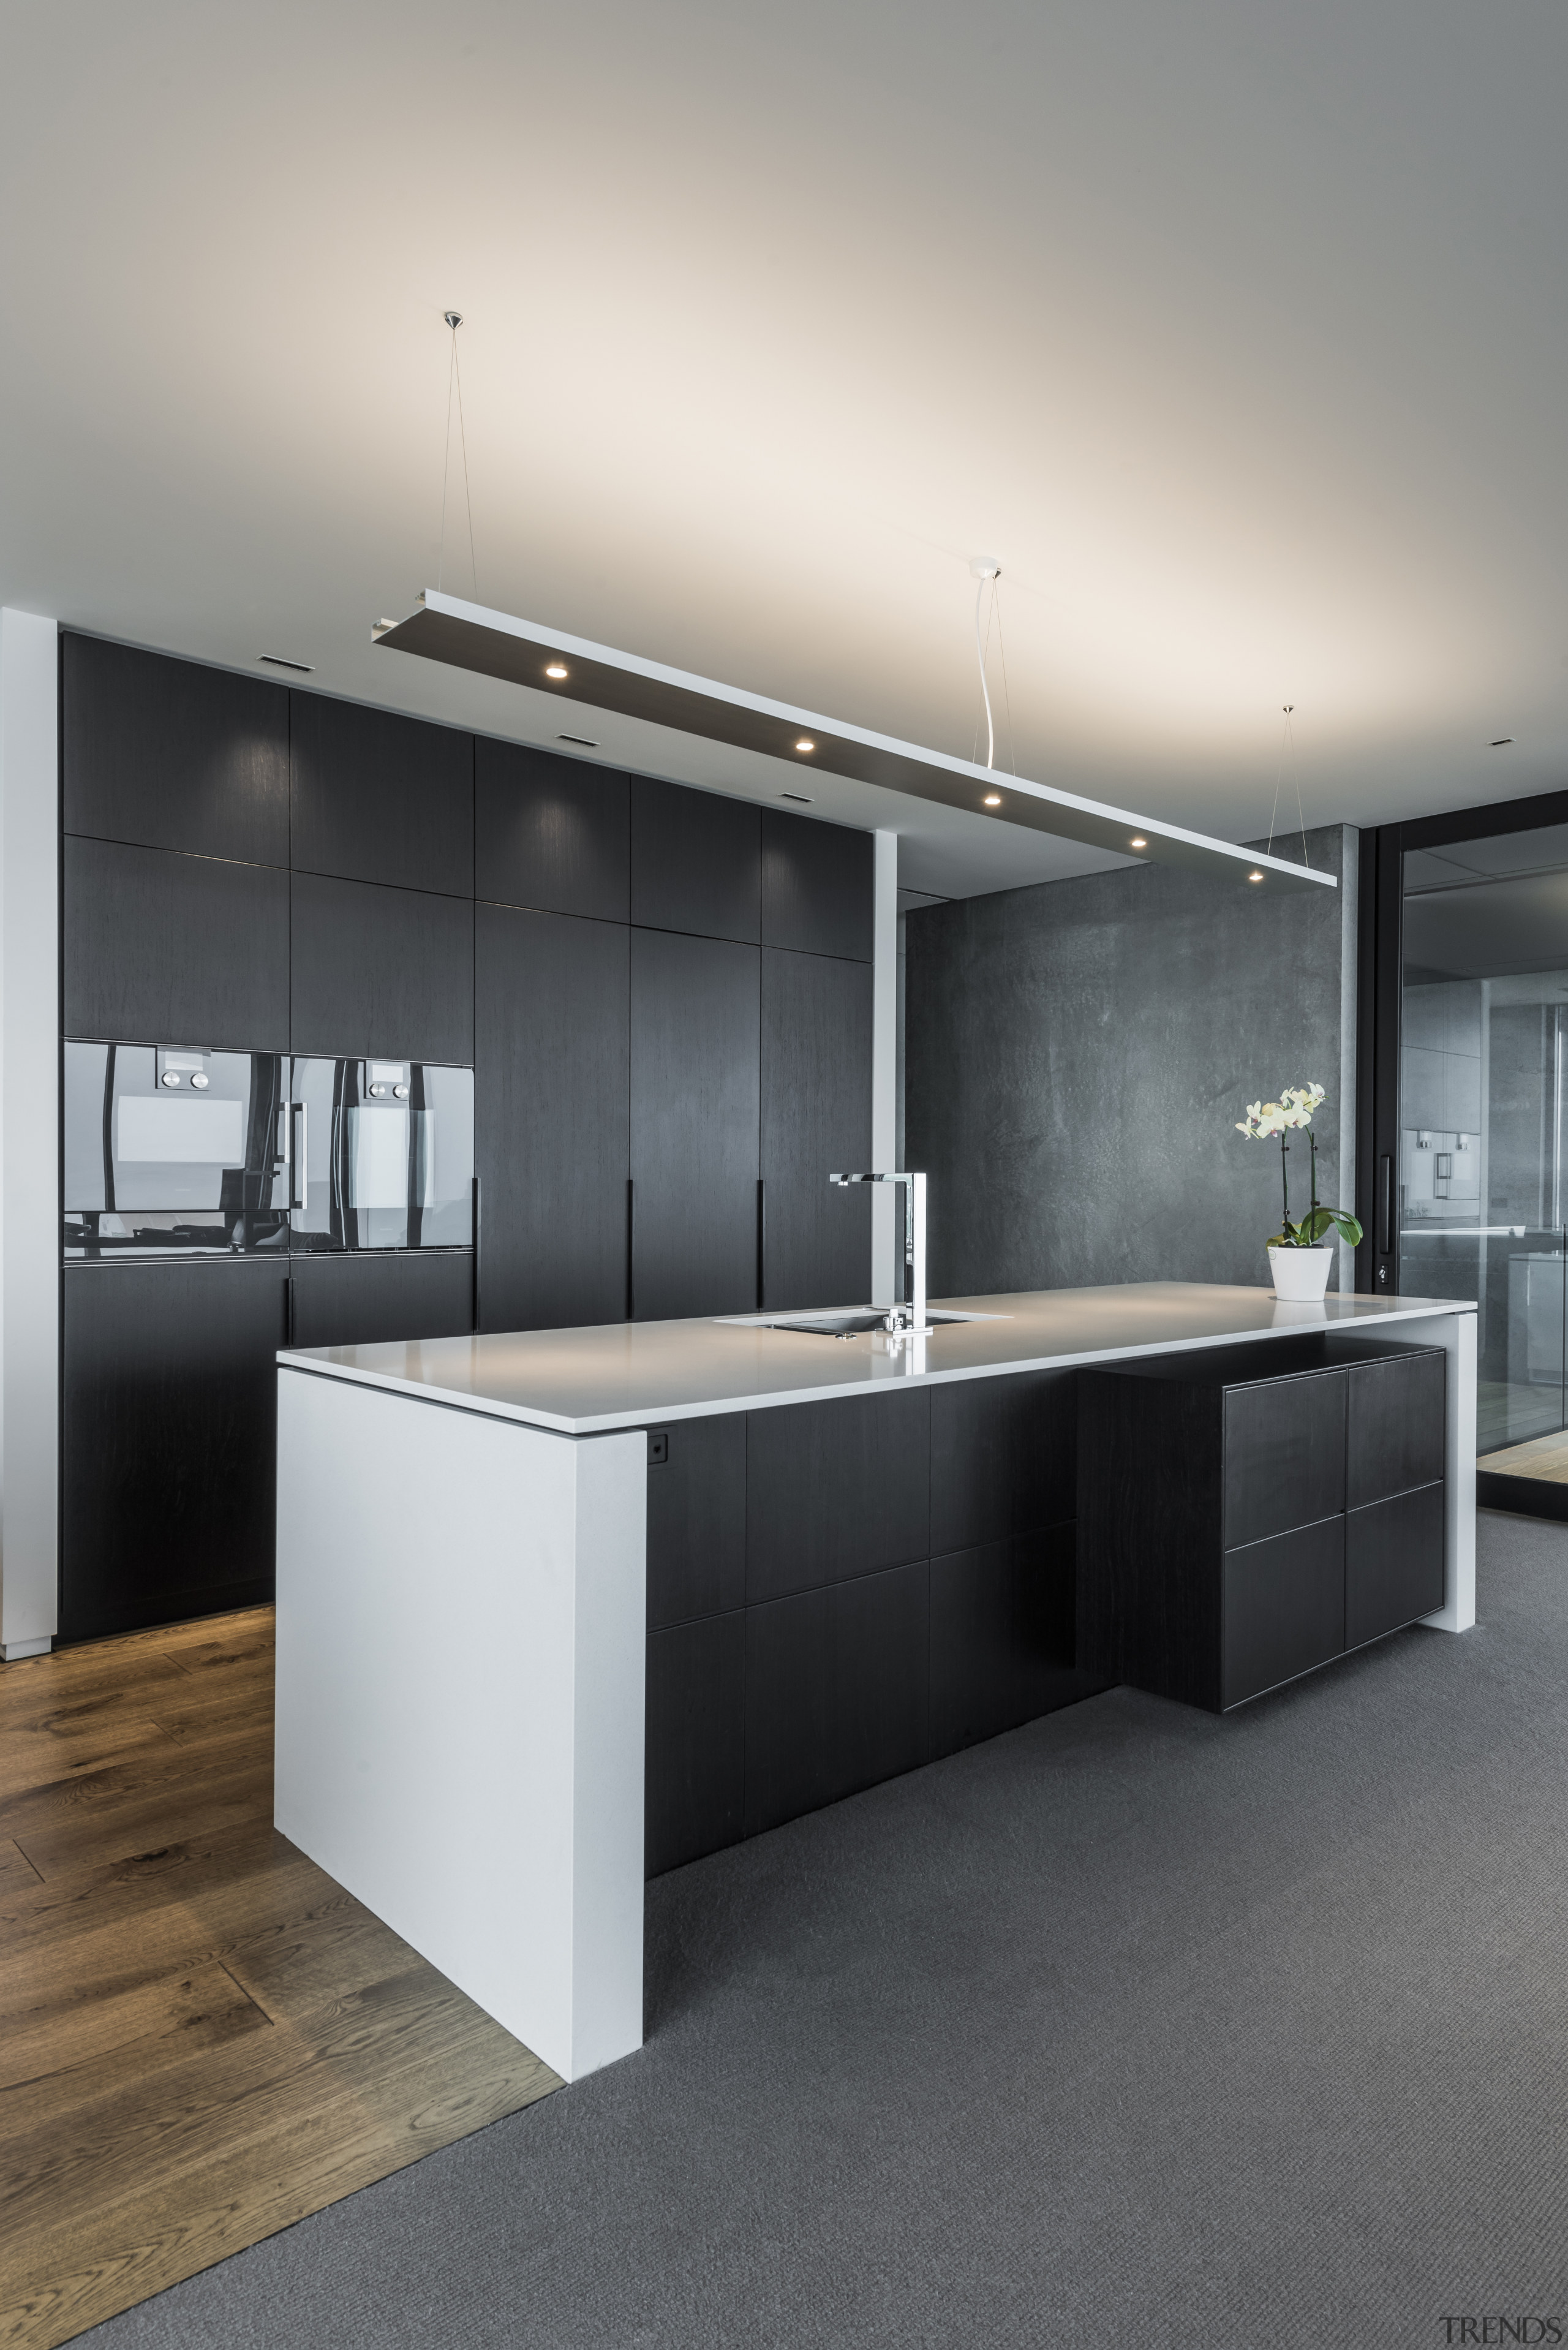 This kitchen by designer Davinia Sutton achieves a architecture, countertop, floor, interior design, kitchen, sink, gray